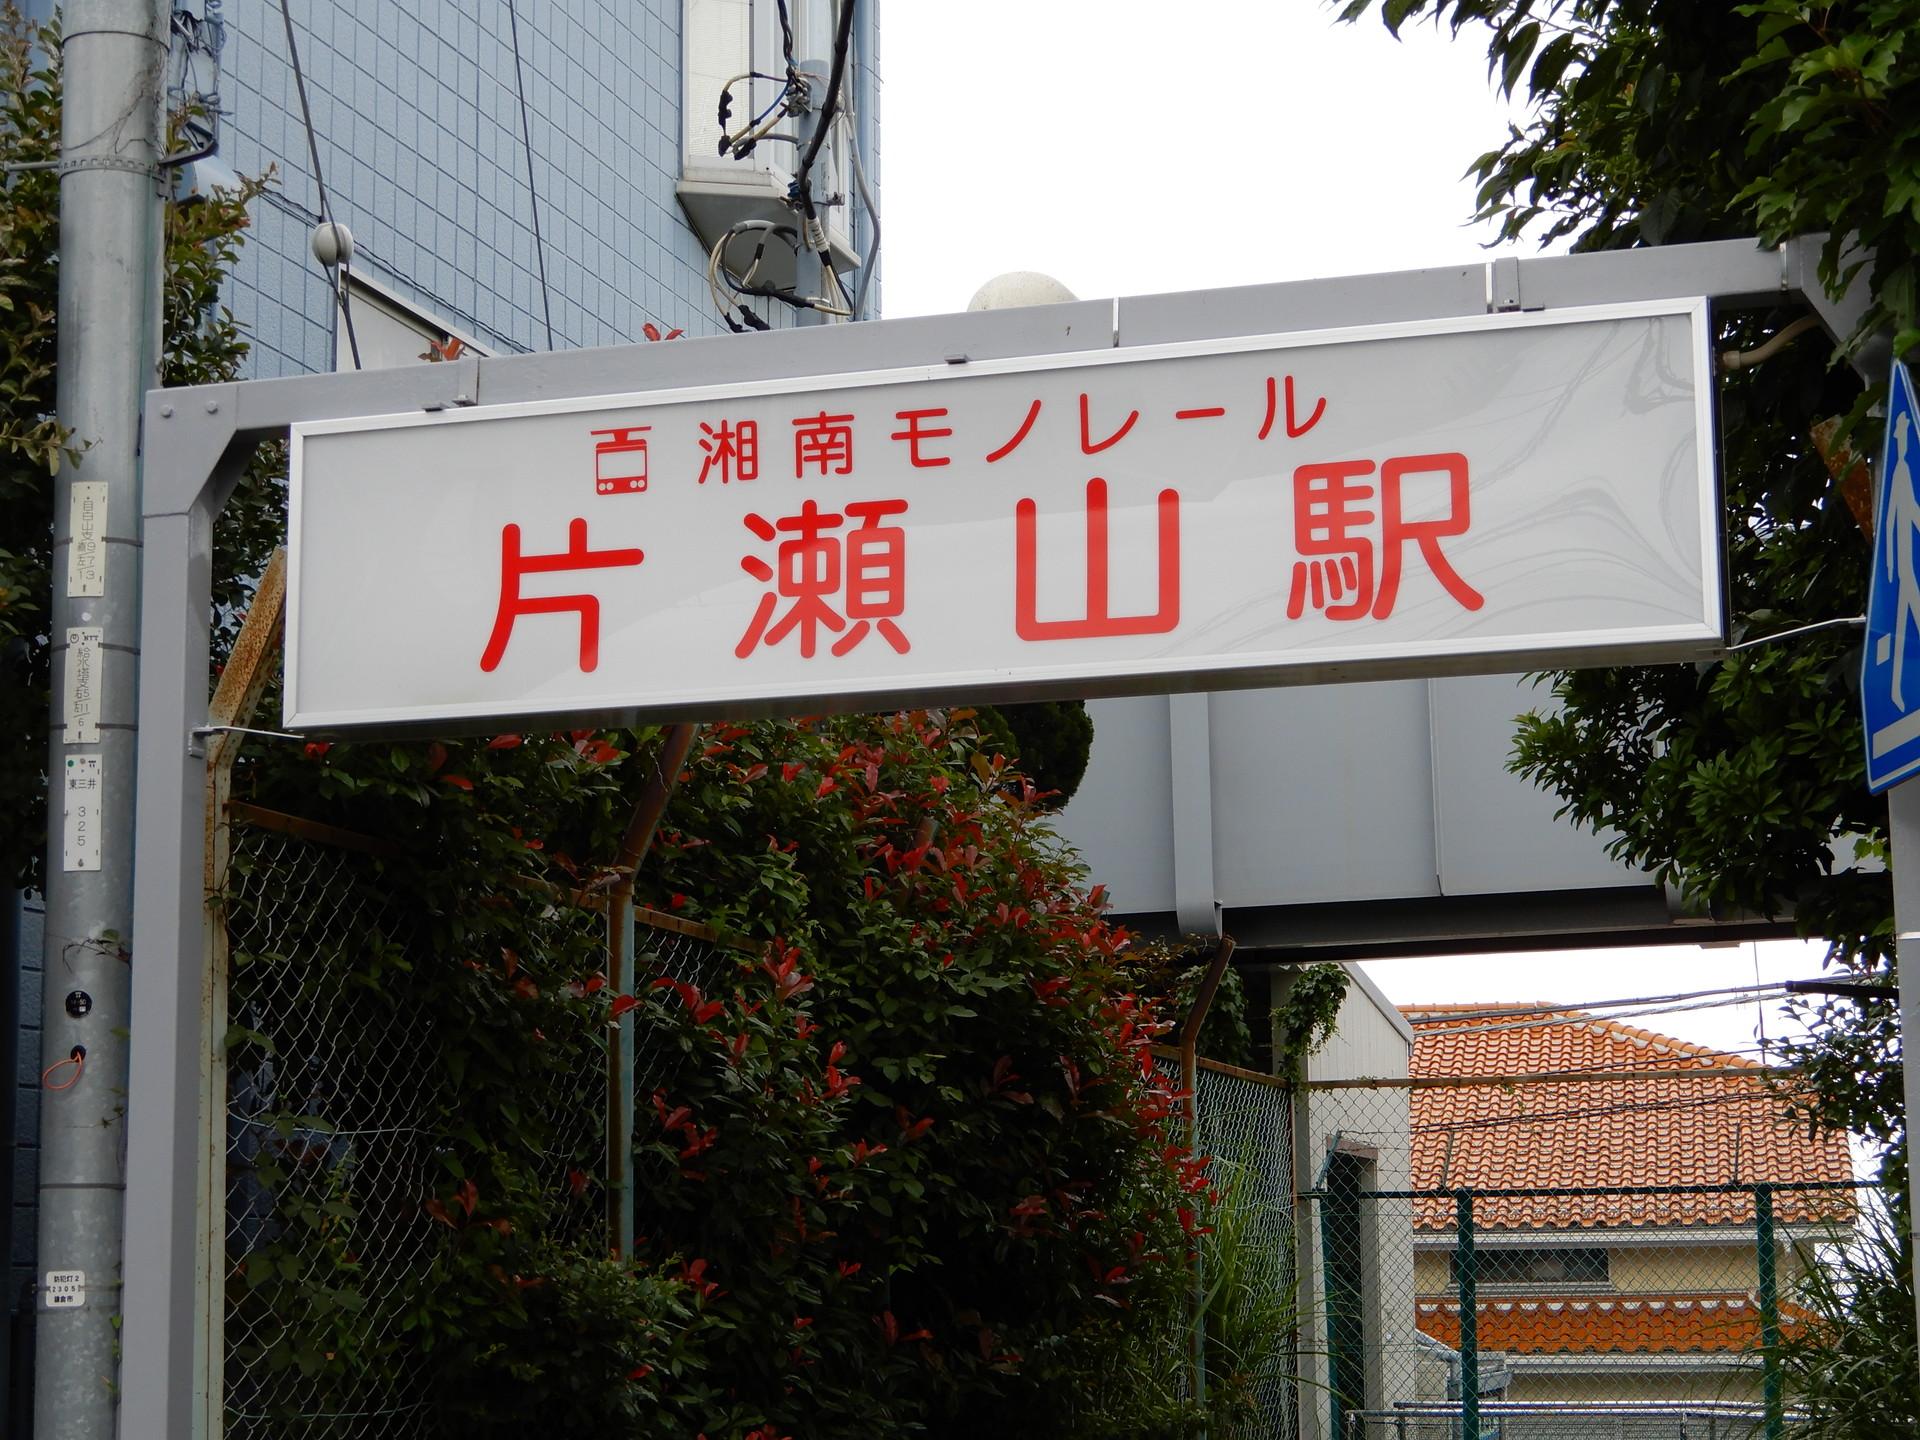 片瀬山駅の駅看板